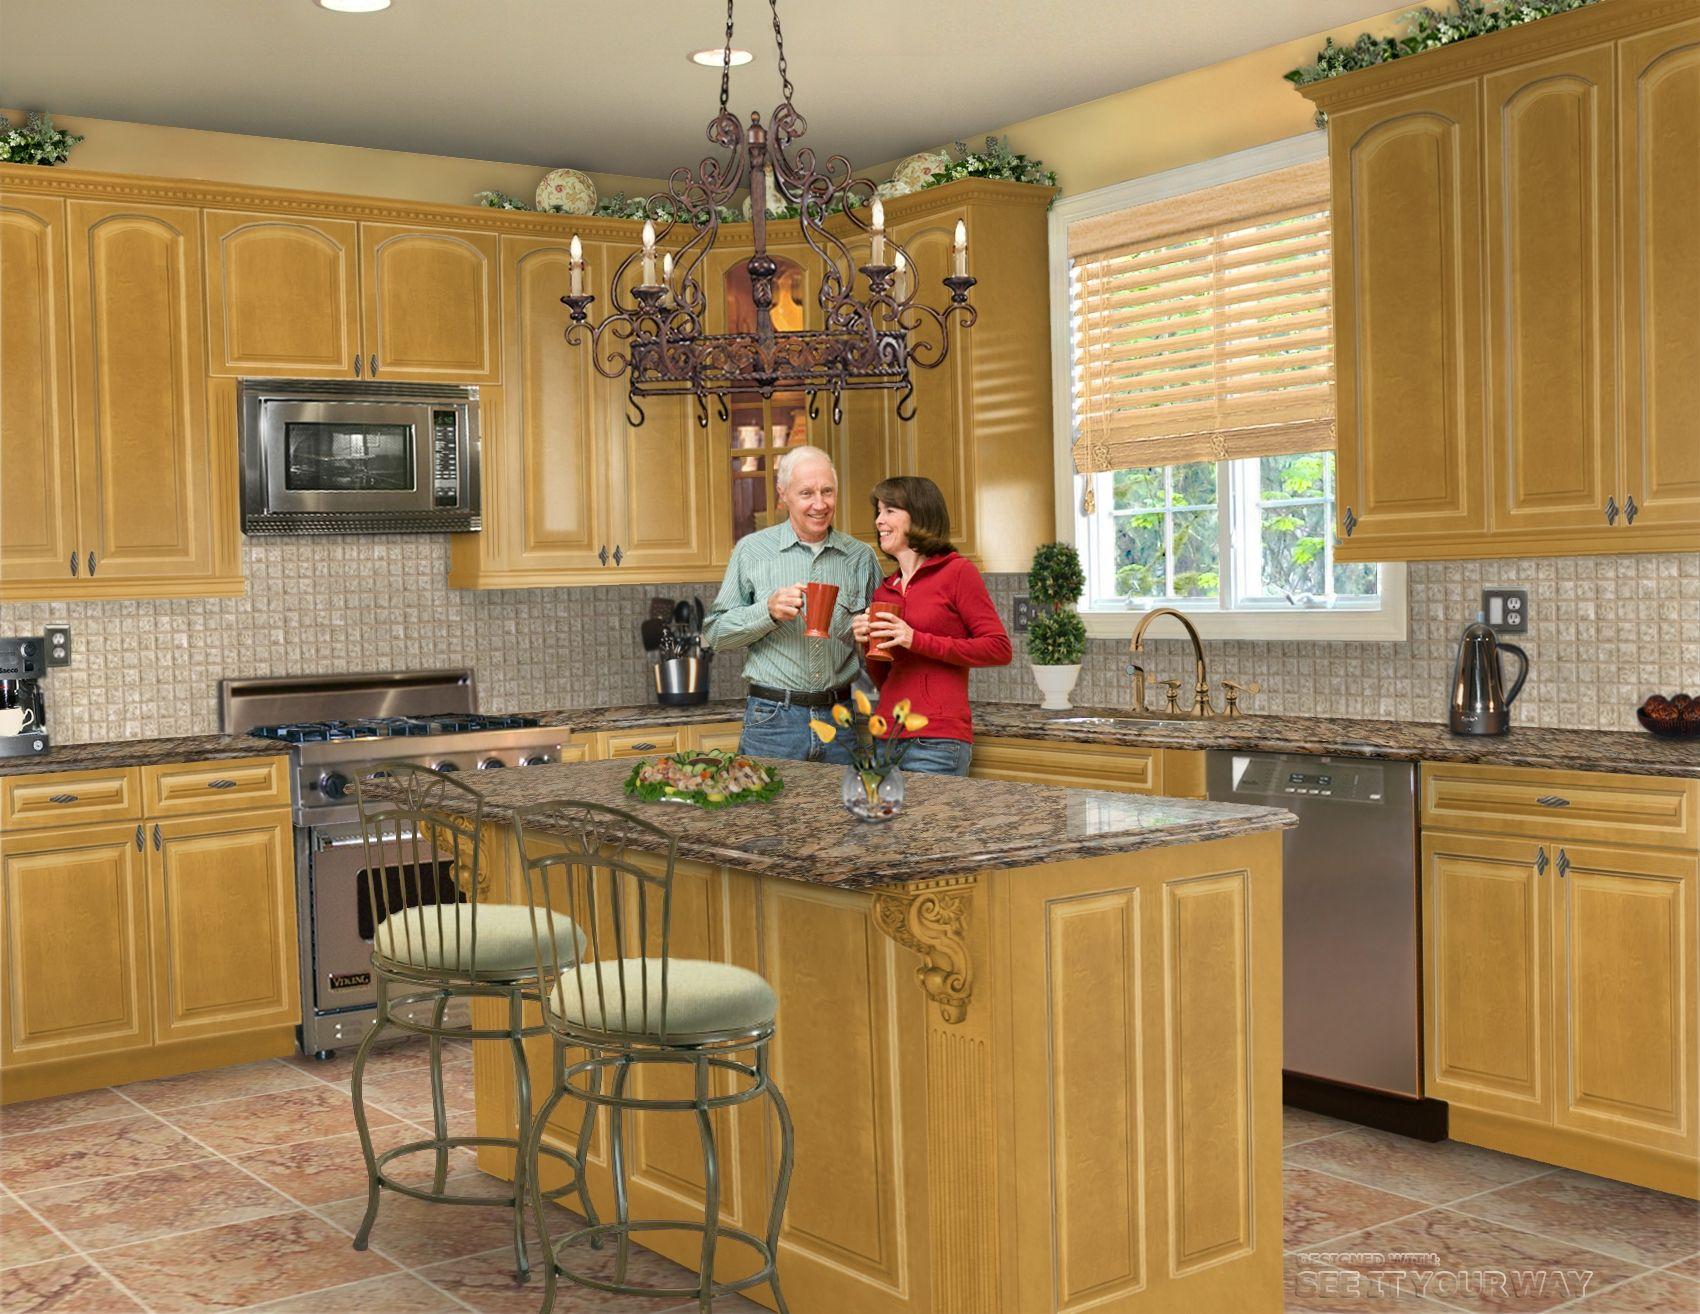 Kitchen Remodel Design Online Free Kitchen Remodel Software Kitchen Remodel Design Kitchen Remodel